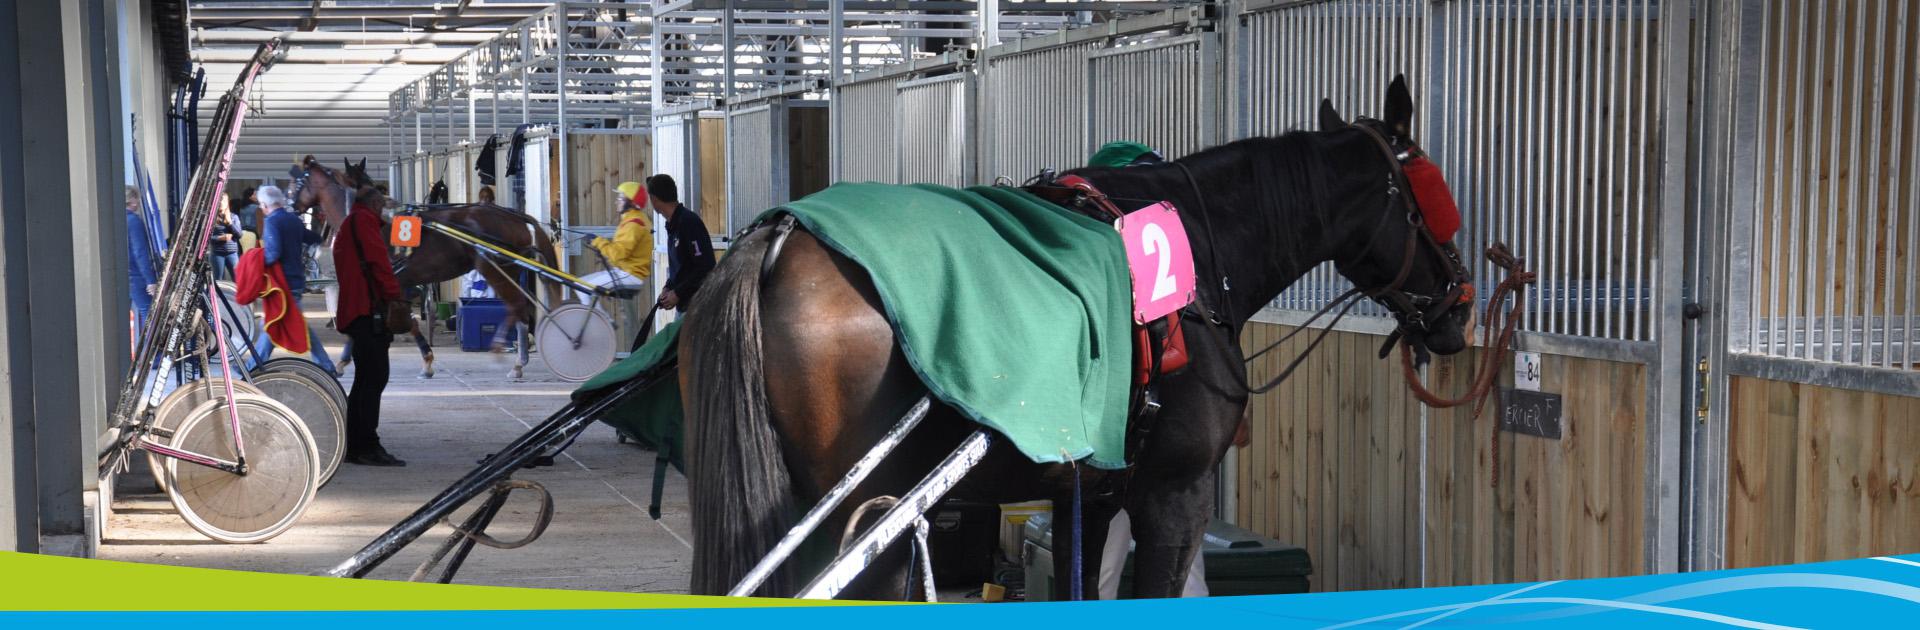 Hippodrome Lisieux boxes chevaux equitation normandie pays auge